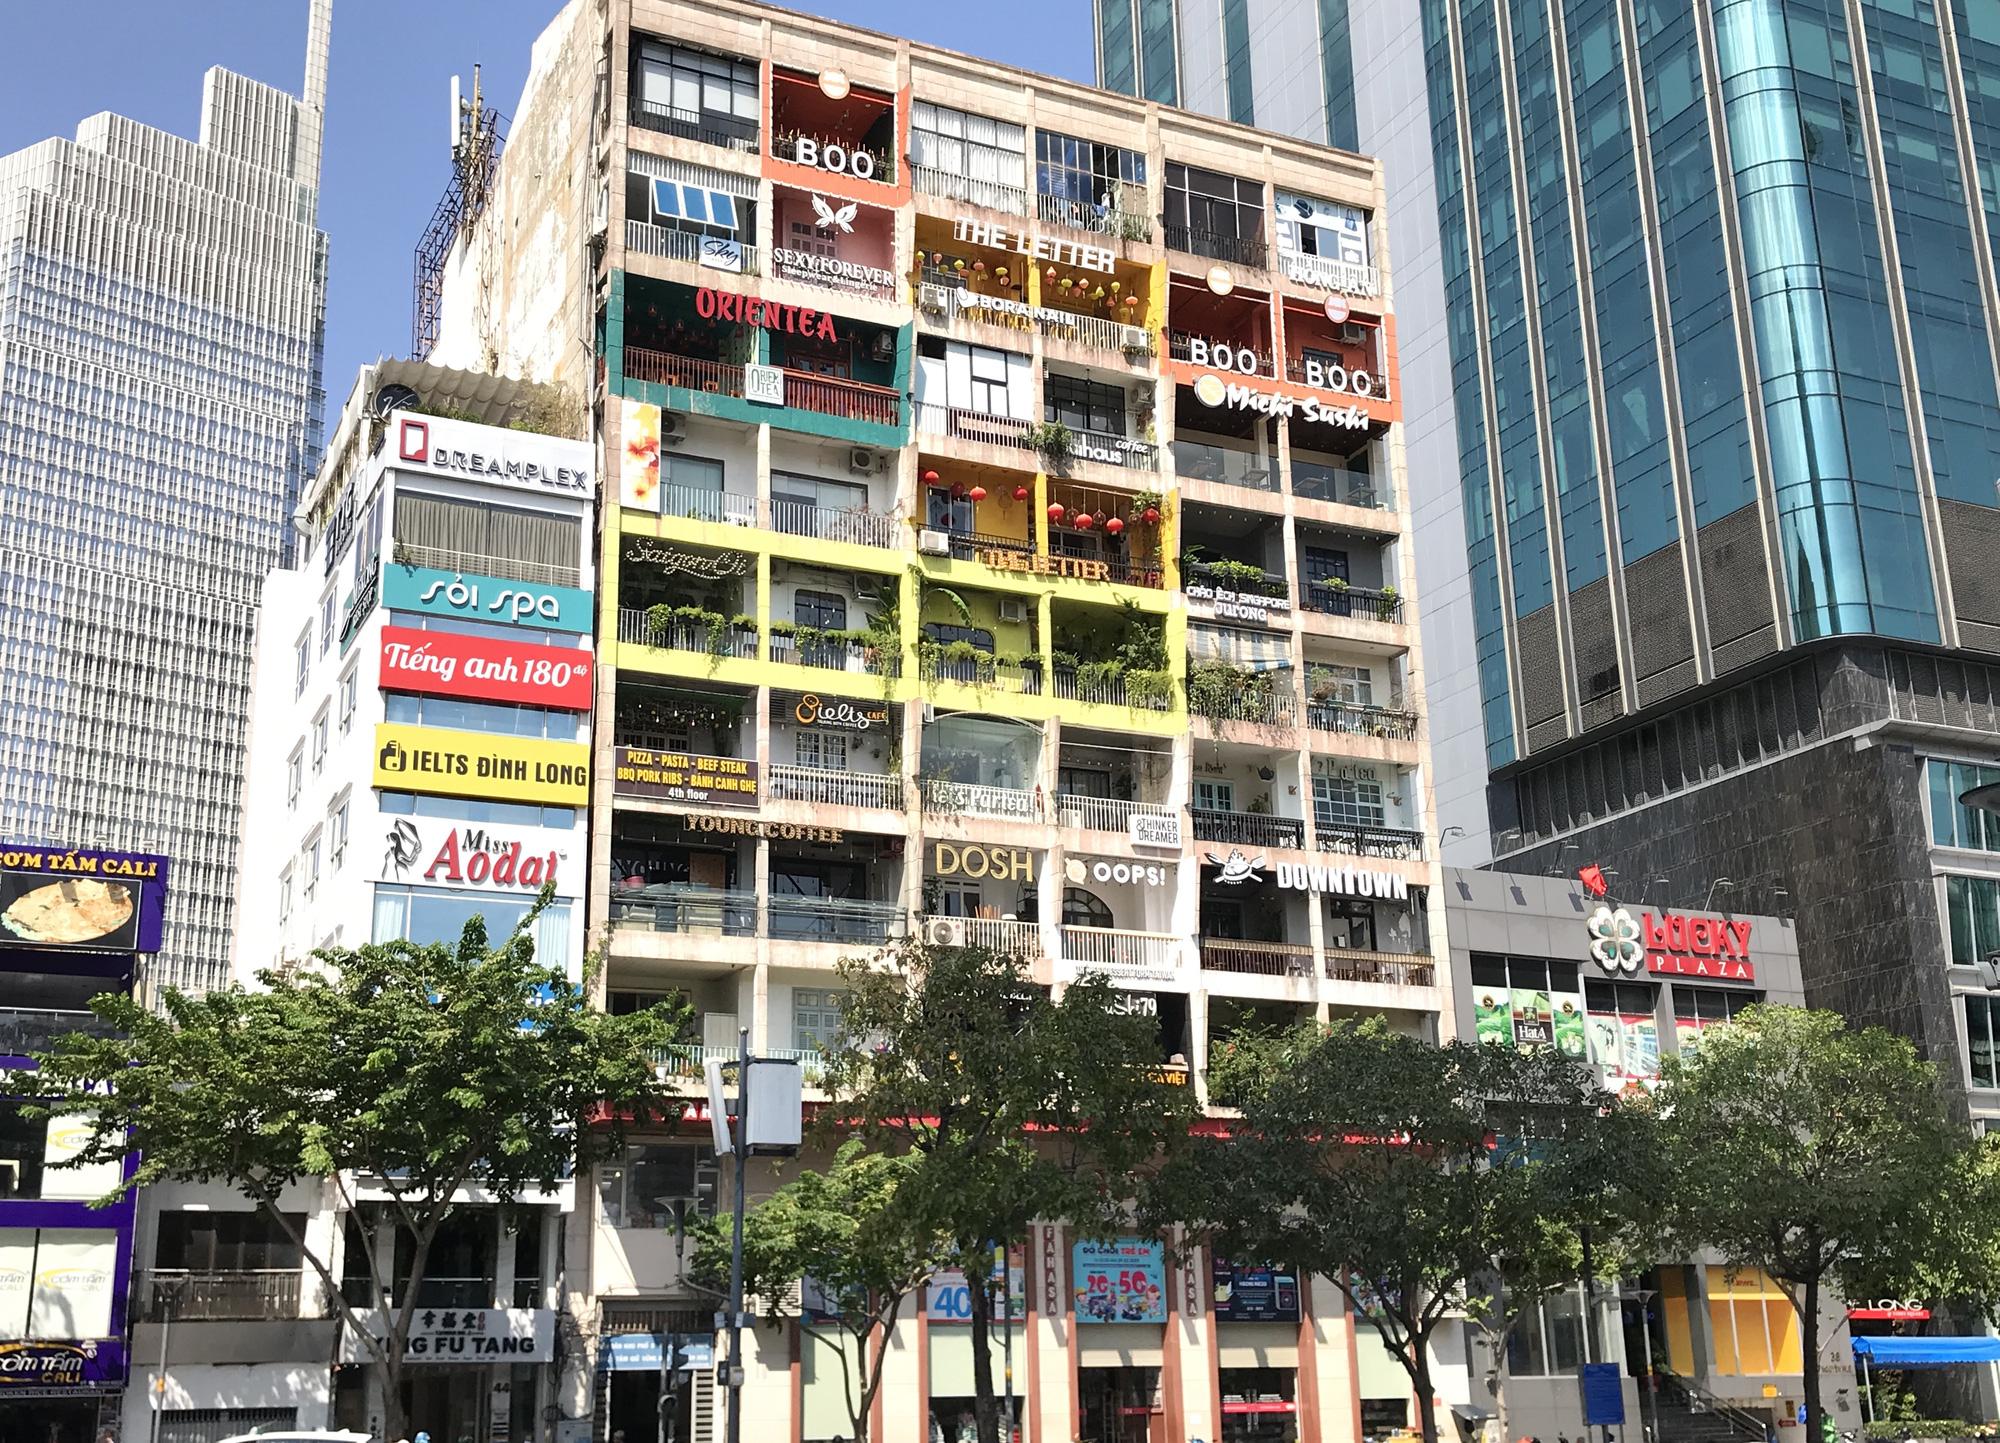 Tiệm vàng, Chanel, Gucci Sài Gòn cũng đóng cửa im ỉm phòng dịch Covid-19 - Ảnh 8.